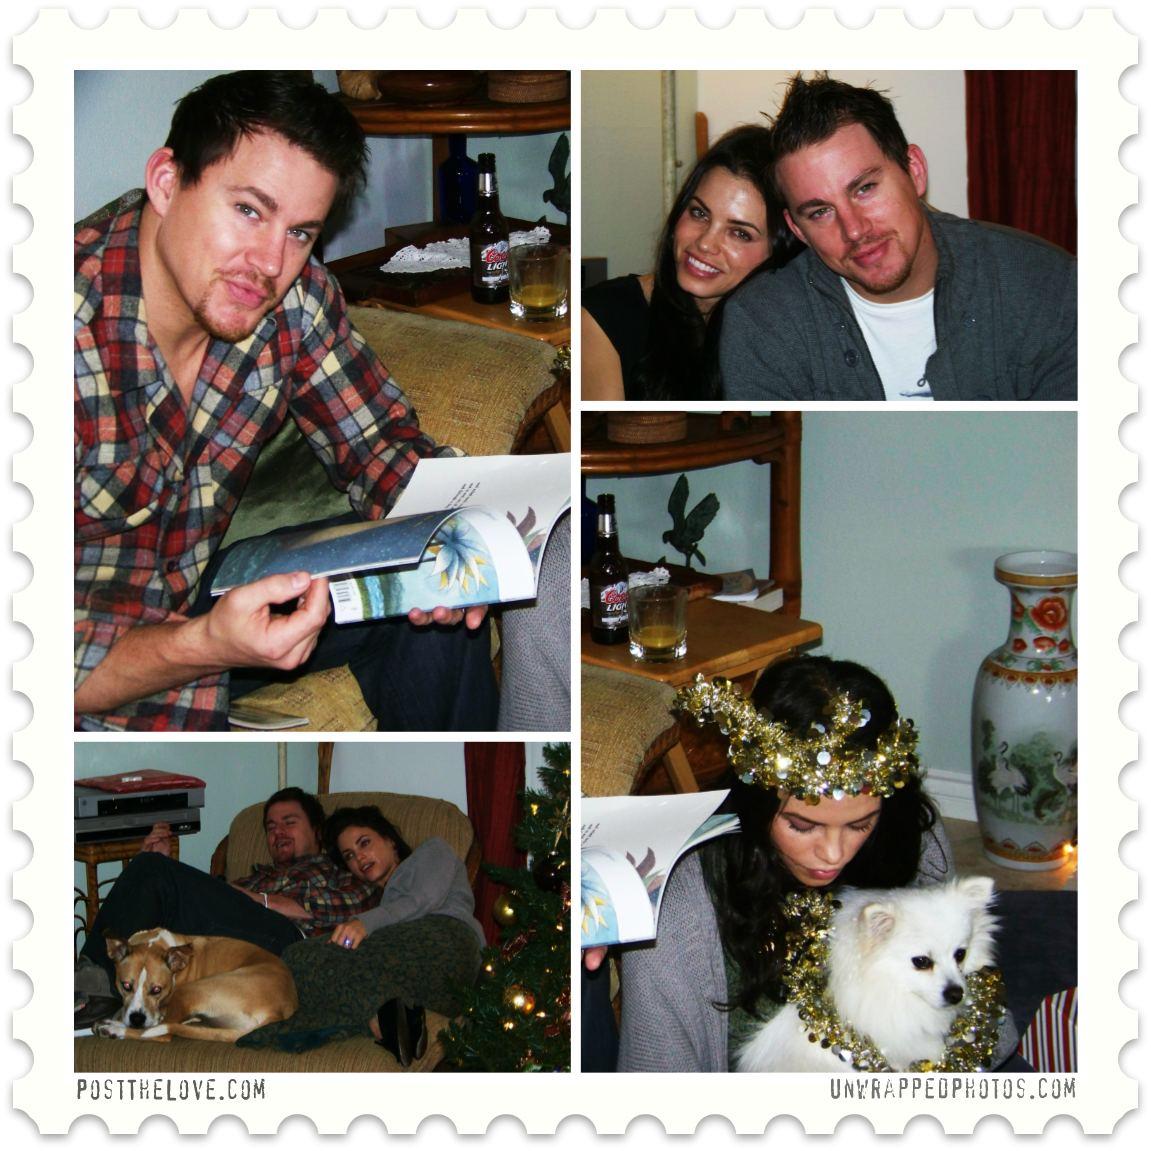 Happy Holidays from Channing Tatum & Jenna Dewan-Tatum